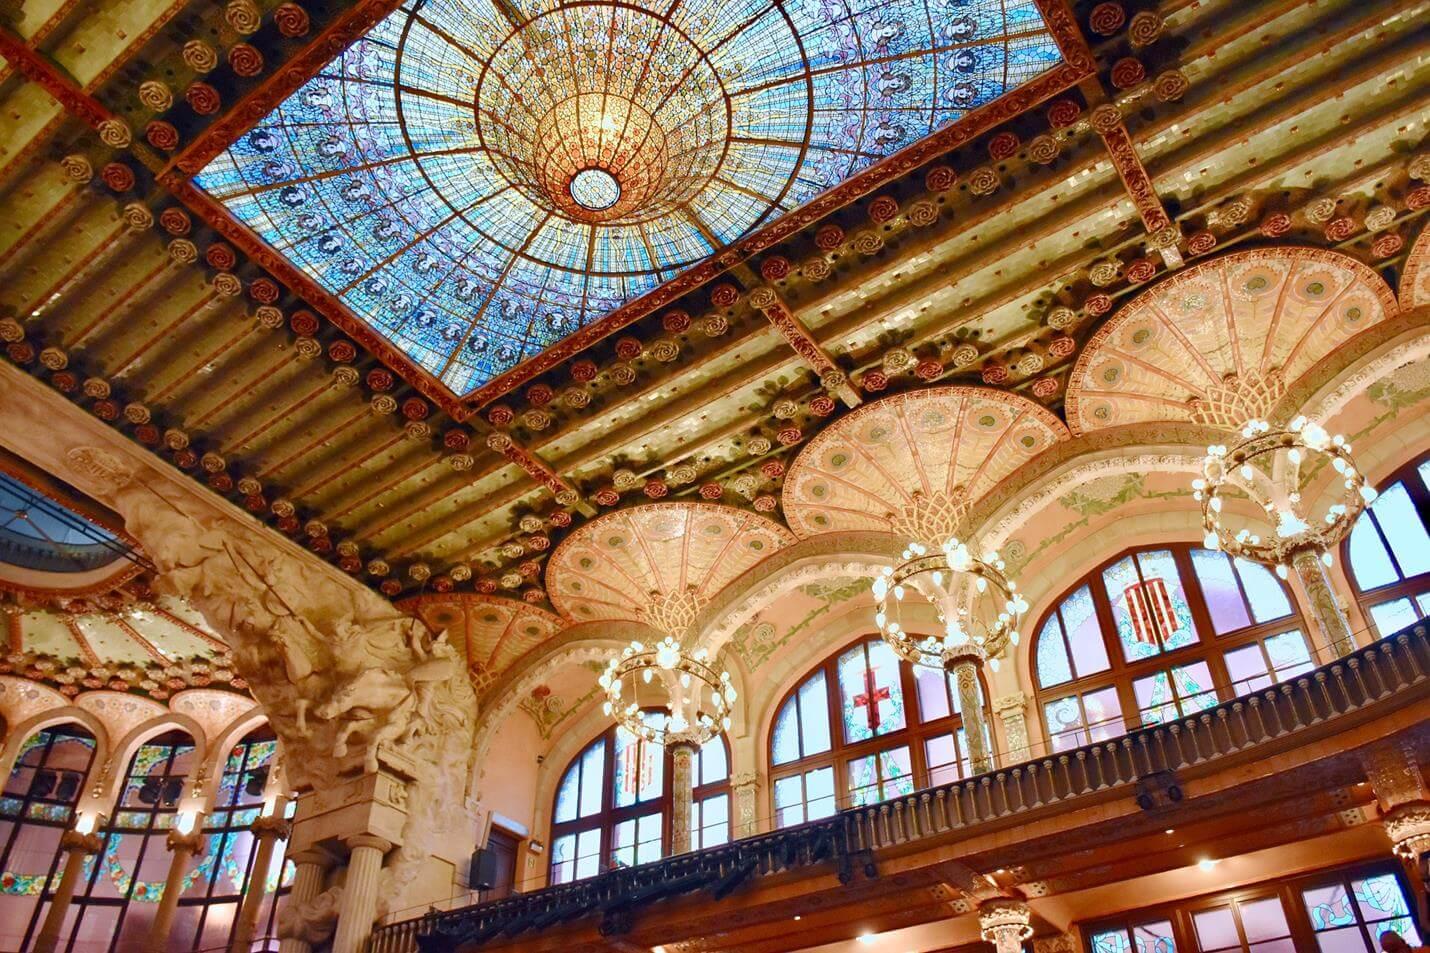 Palau de la Musica Catalana - Top